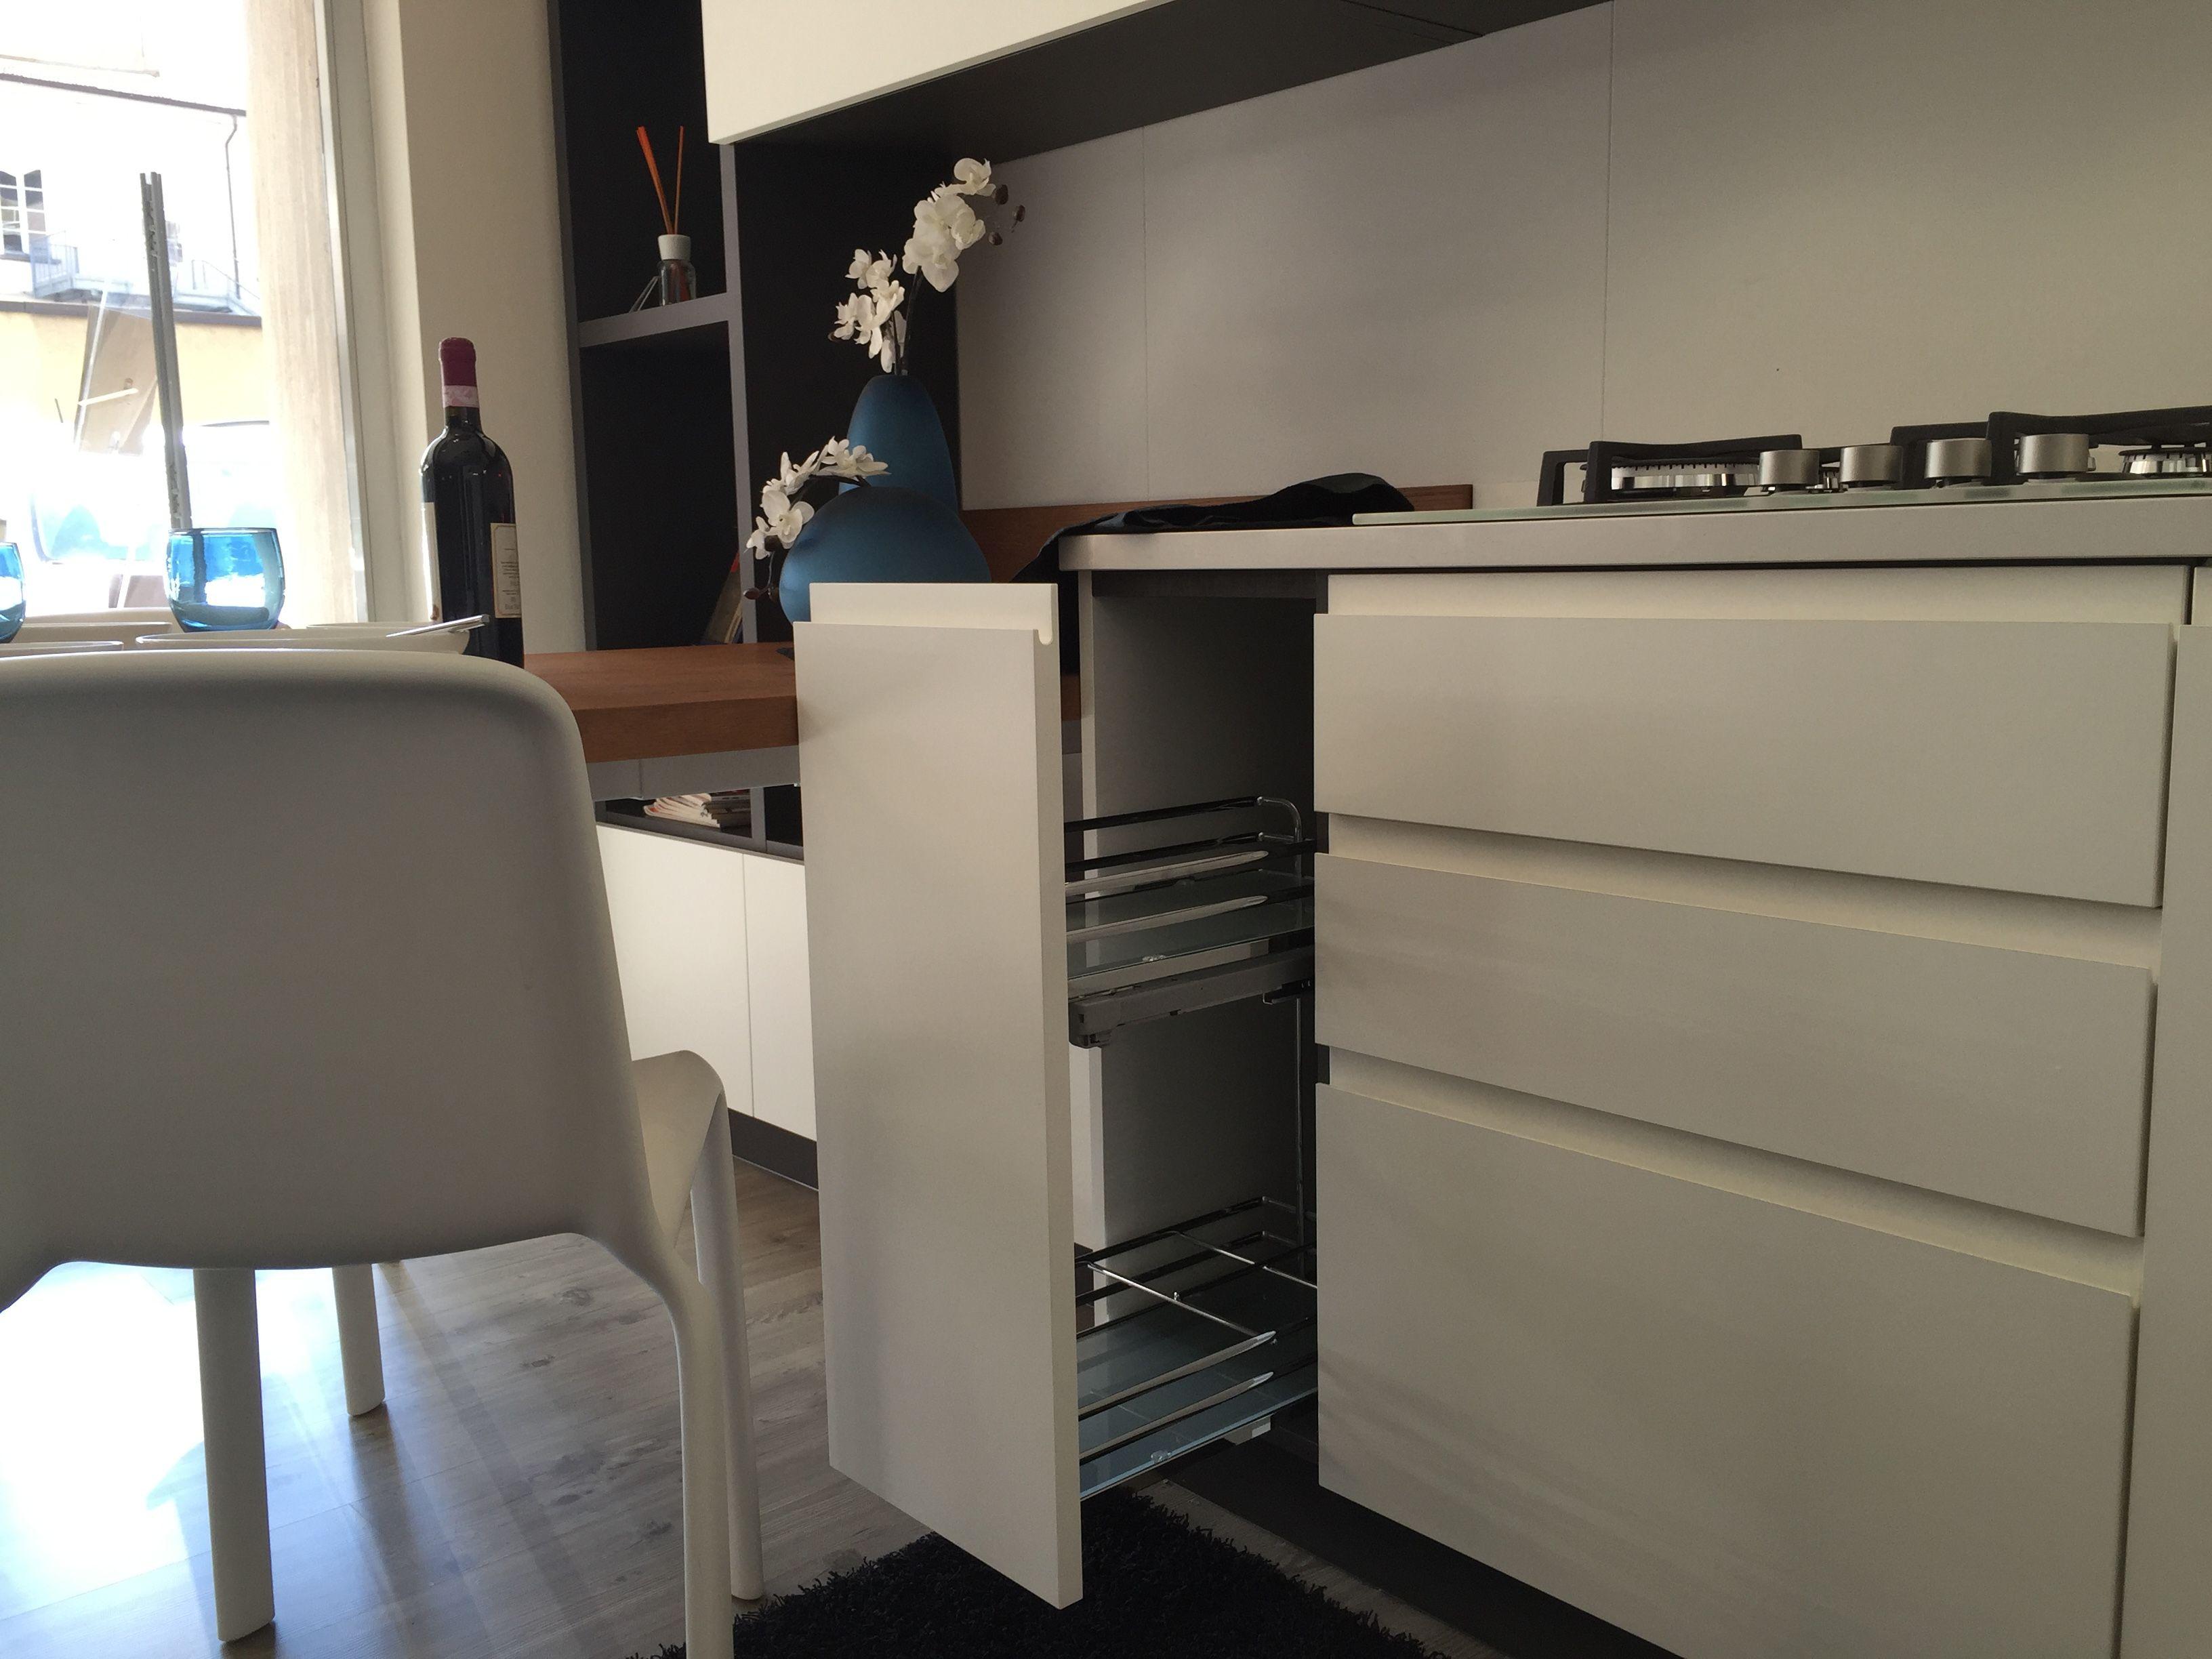 cucina #scavolini modello #motus: anta decorativo bianco puro, Hause ideen